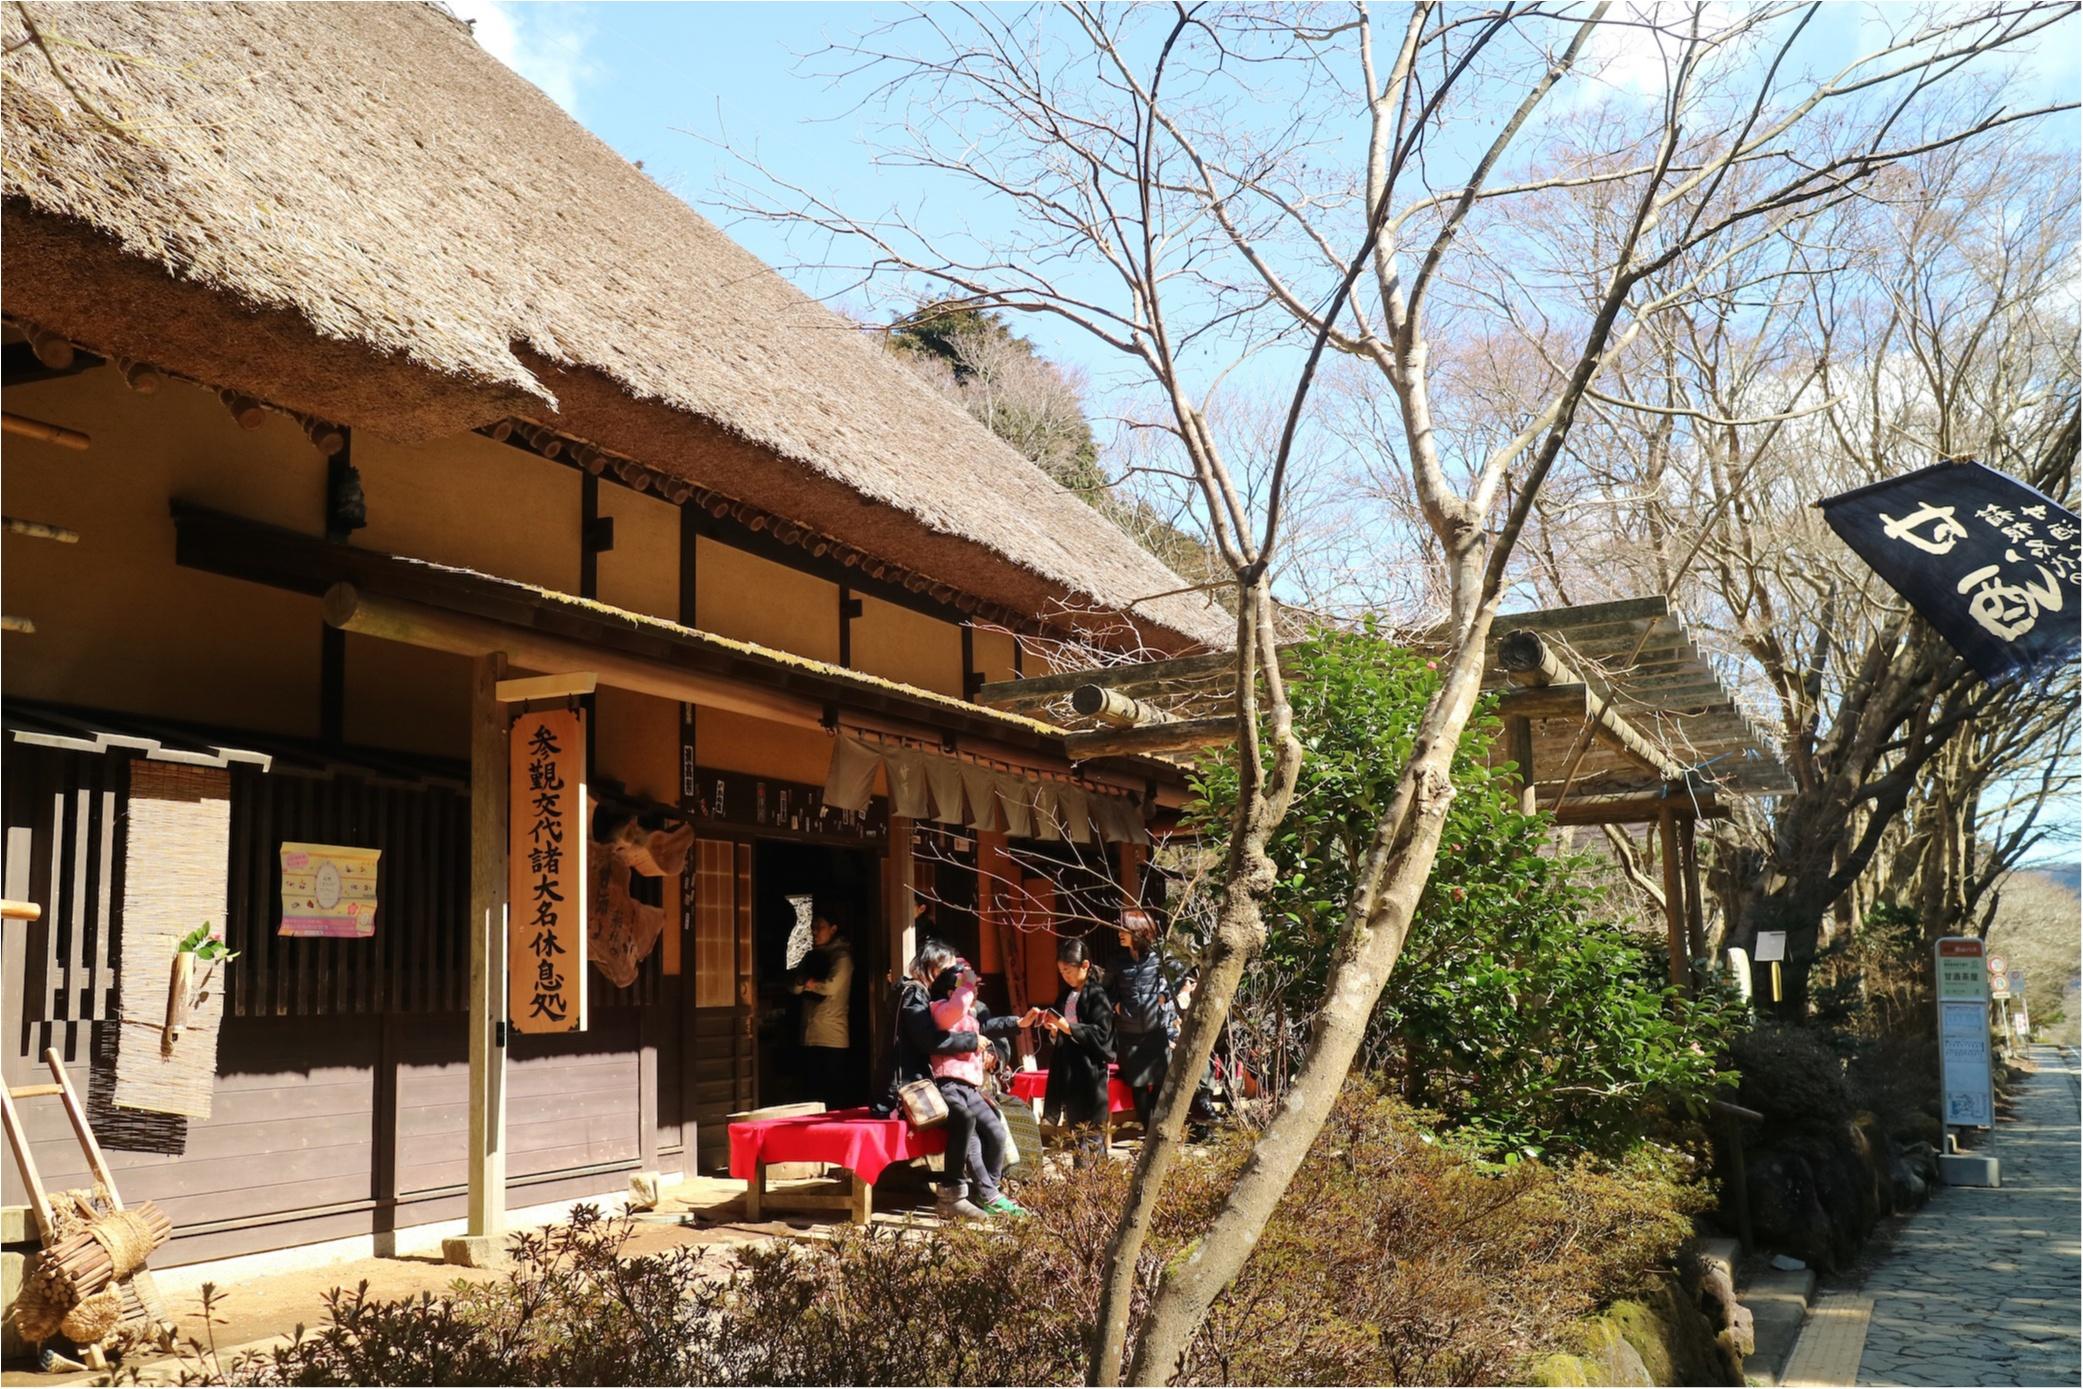 女子旅するなら『星野リゾート 界 箱根』が絶対楽しい♡ リニューアルオープンした【女子旅部屋】とは!?_9